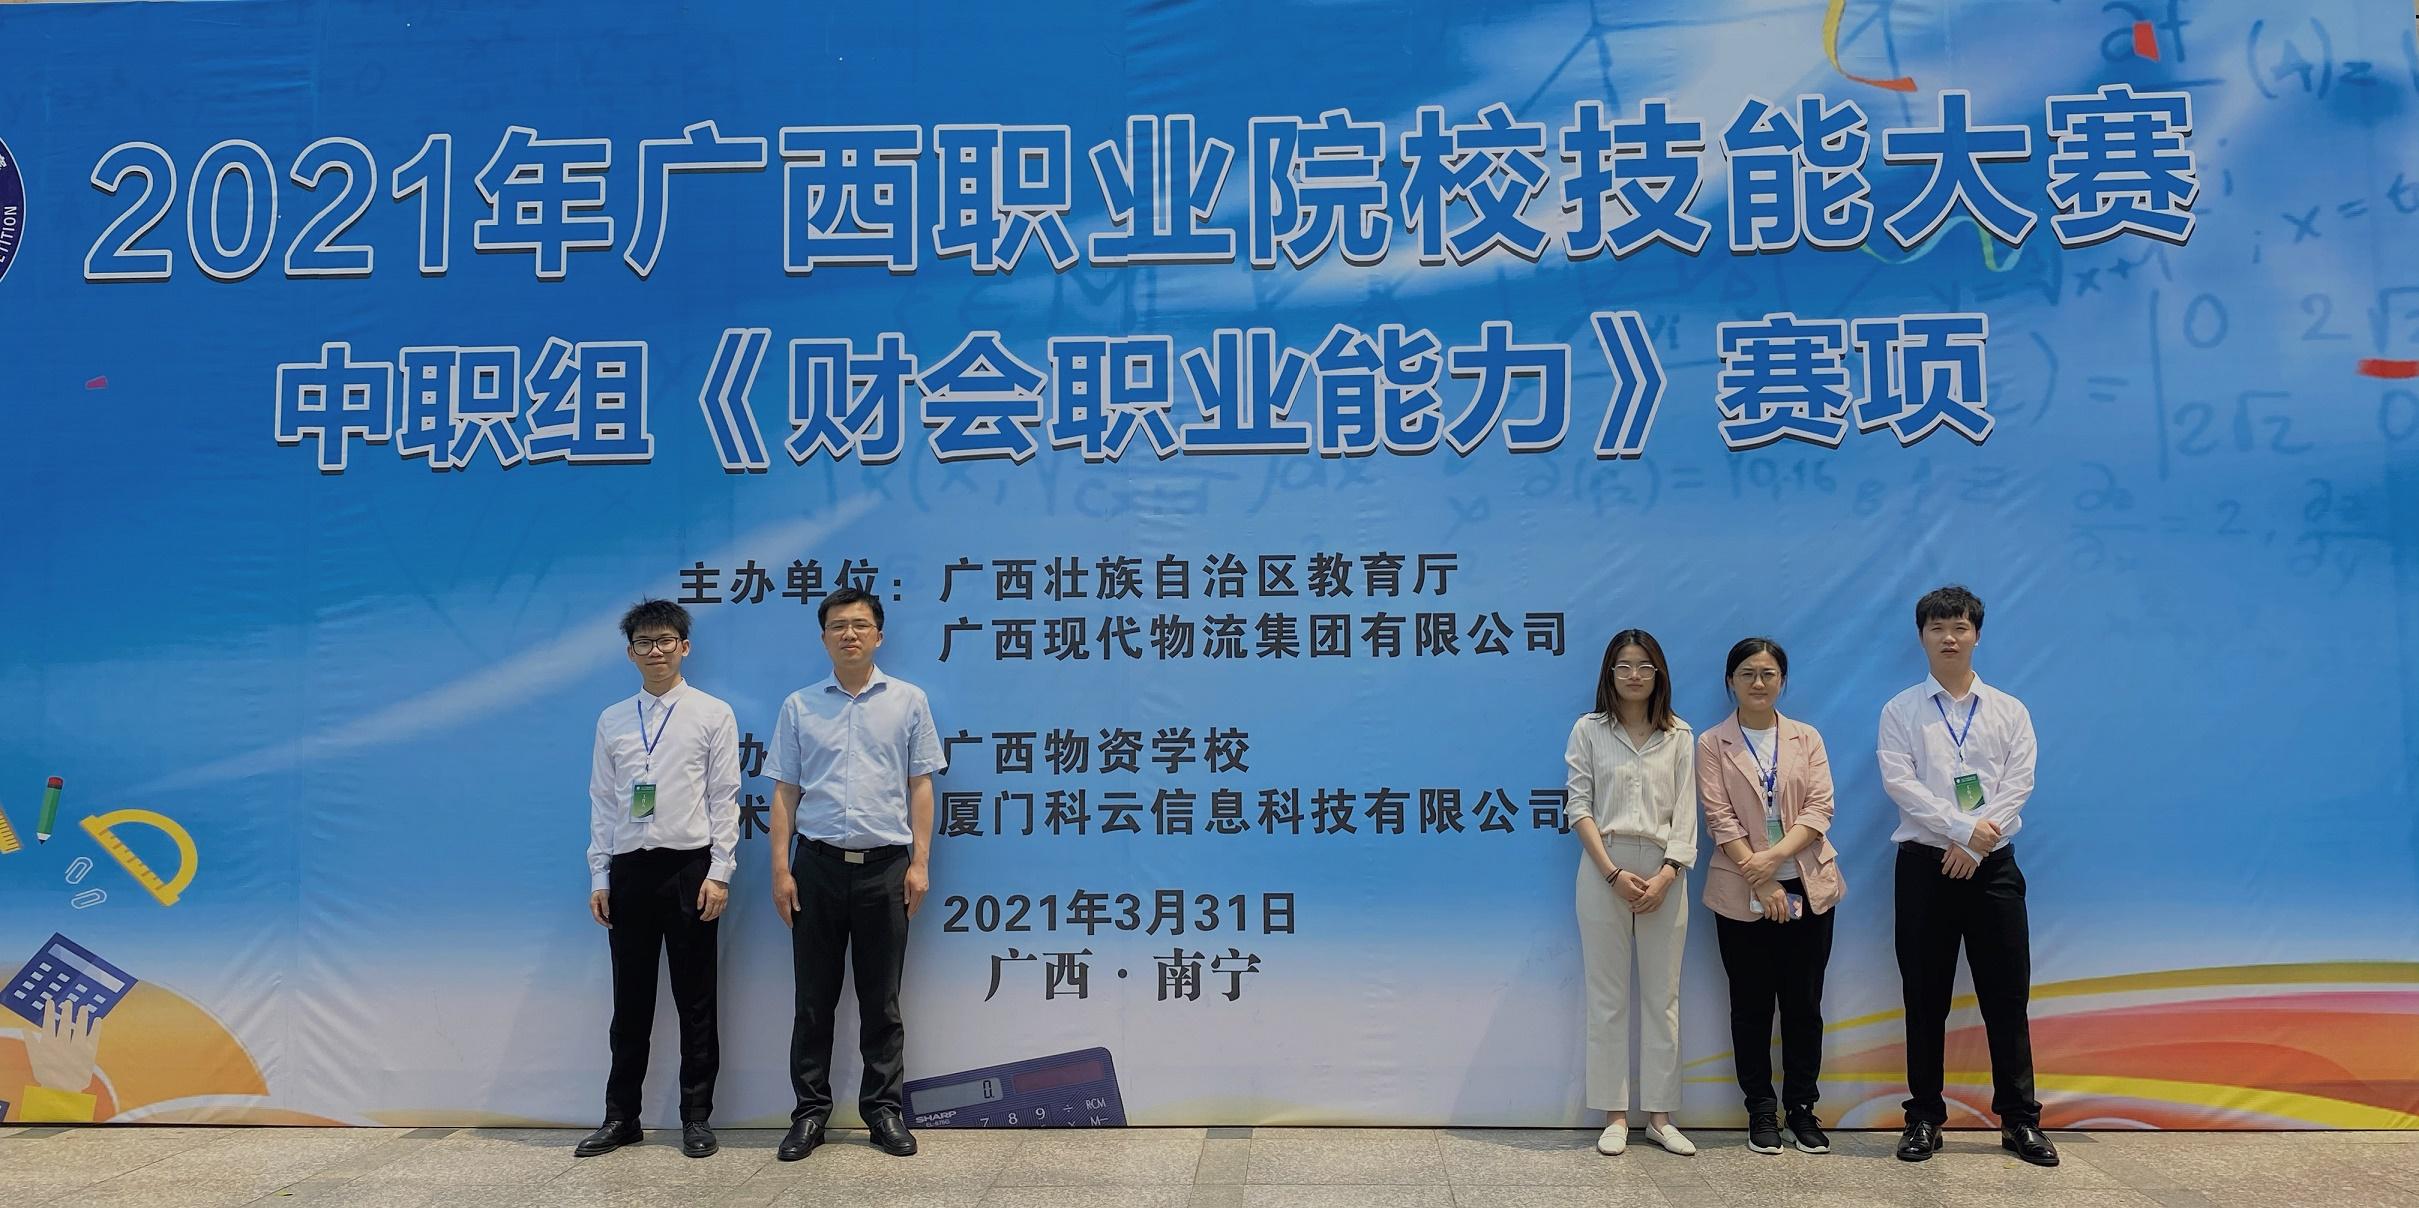 厦门科云:2021年广西职业院校技能大赛中职组财会职业能力赛项成功举办!